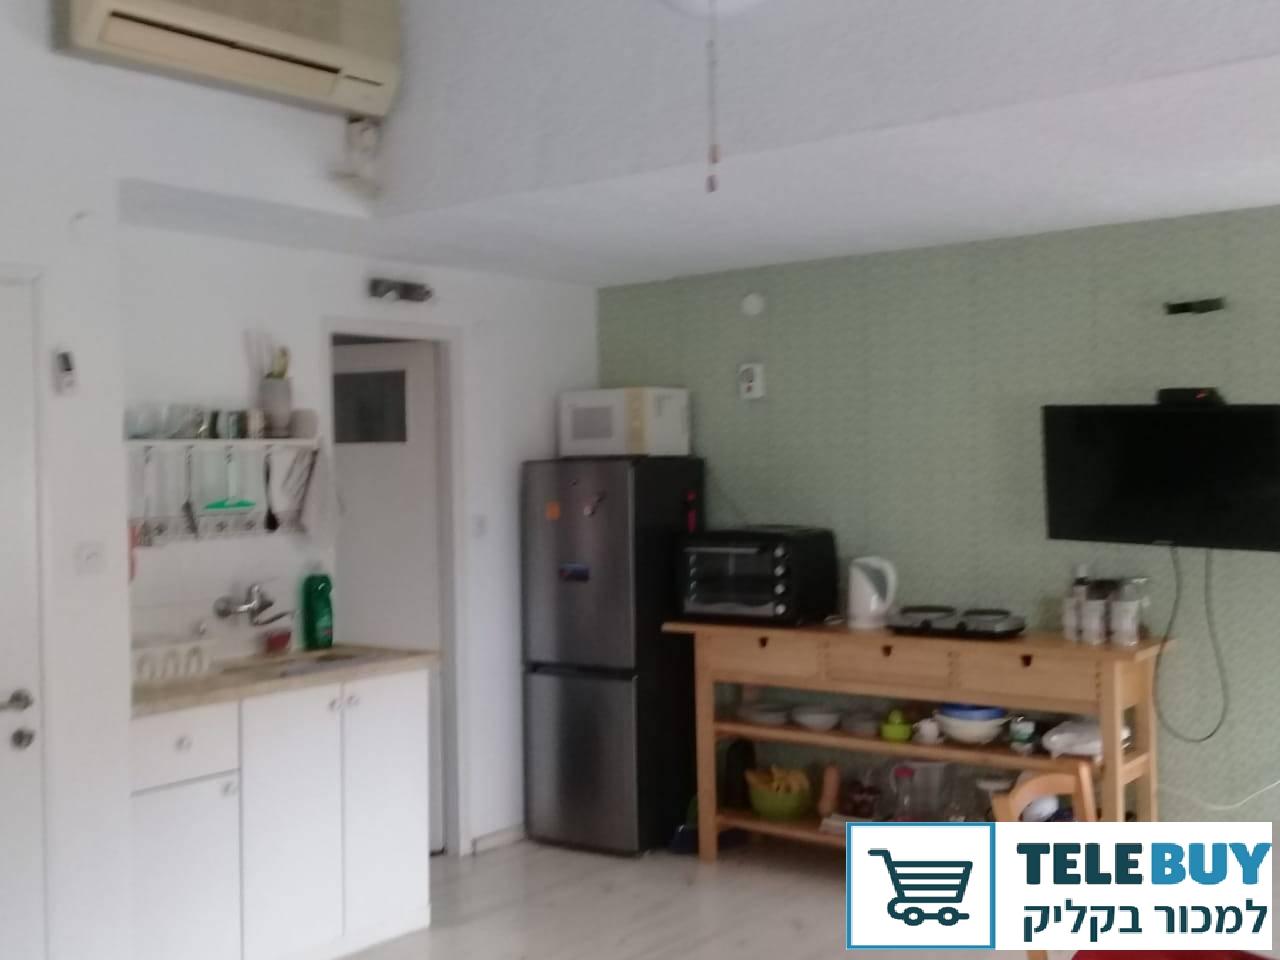 דירות להשכרה דירת סטודיו   ביישובים באזור הצפון